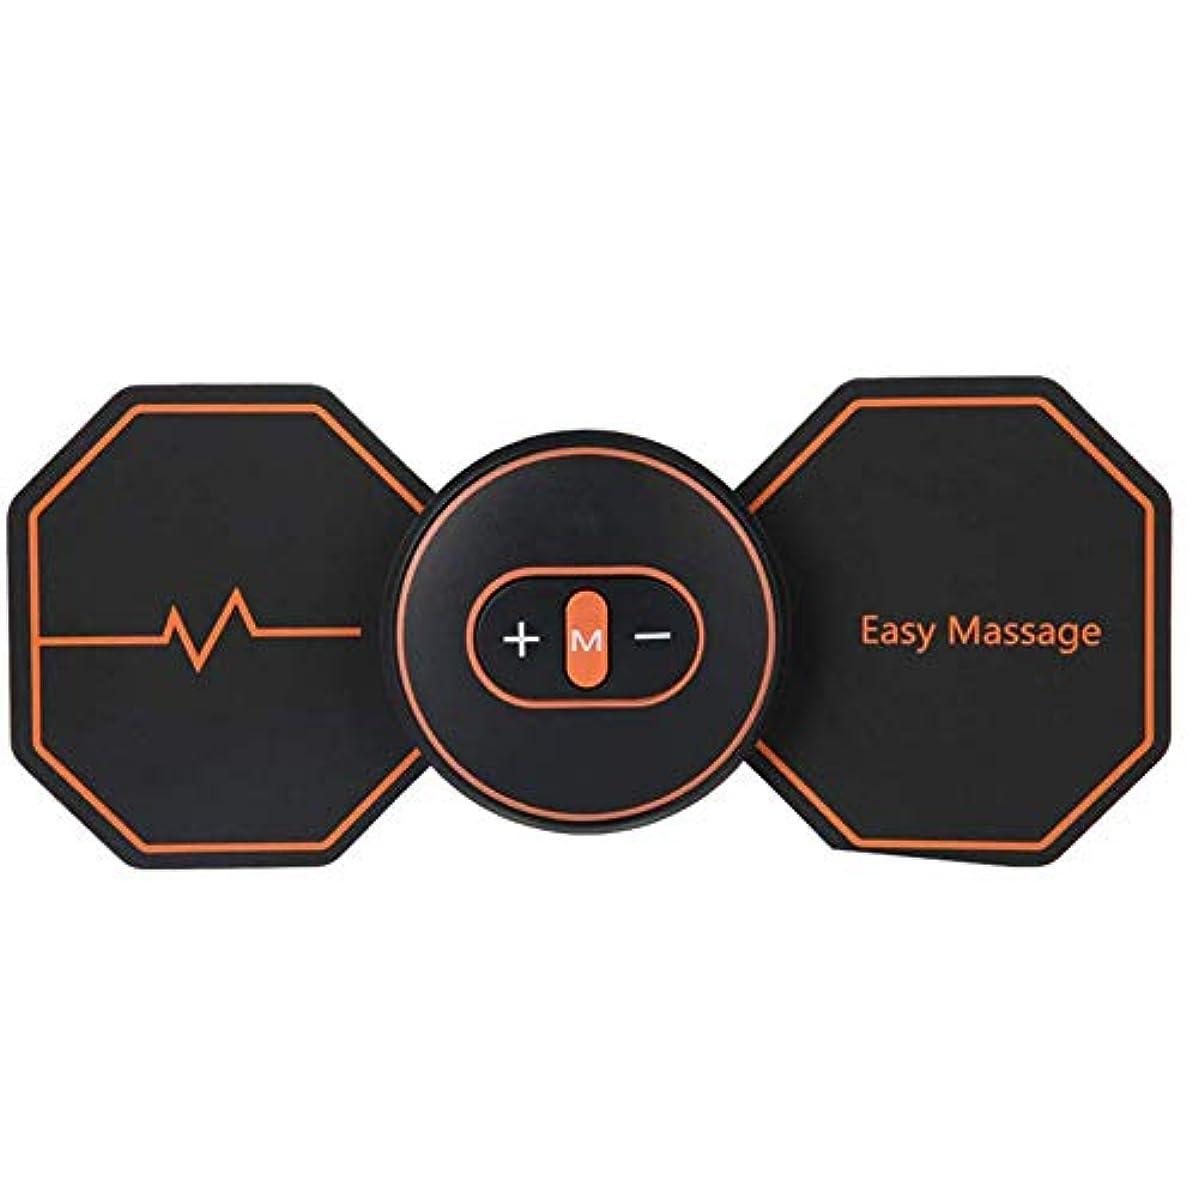 子宮頸部マッサージャー多機能子宮頸部と首のミニマッサージャーボディマッサージャーの痛みの軽減